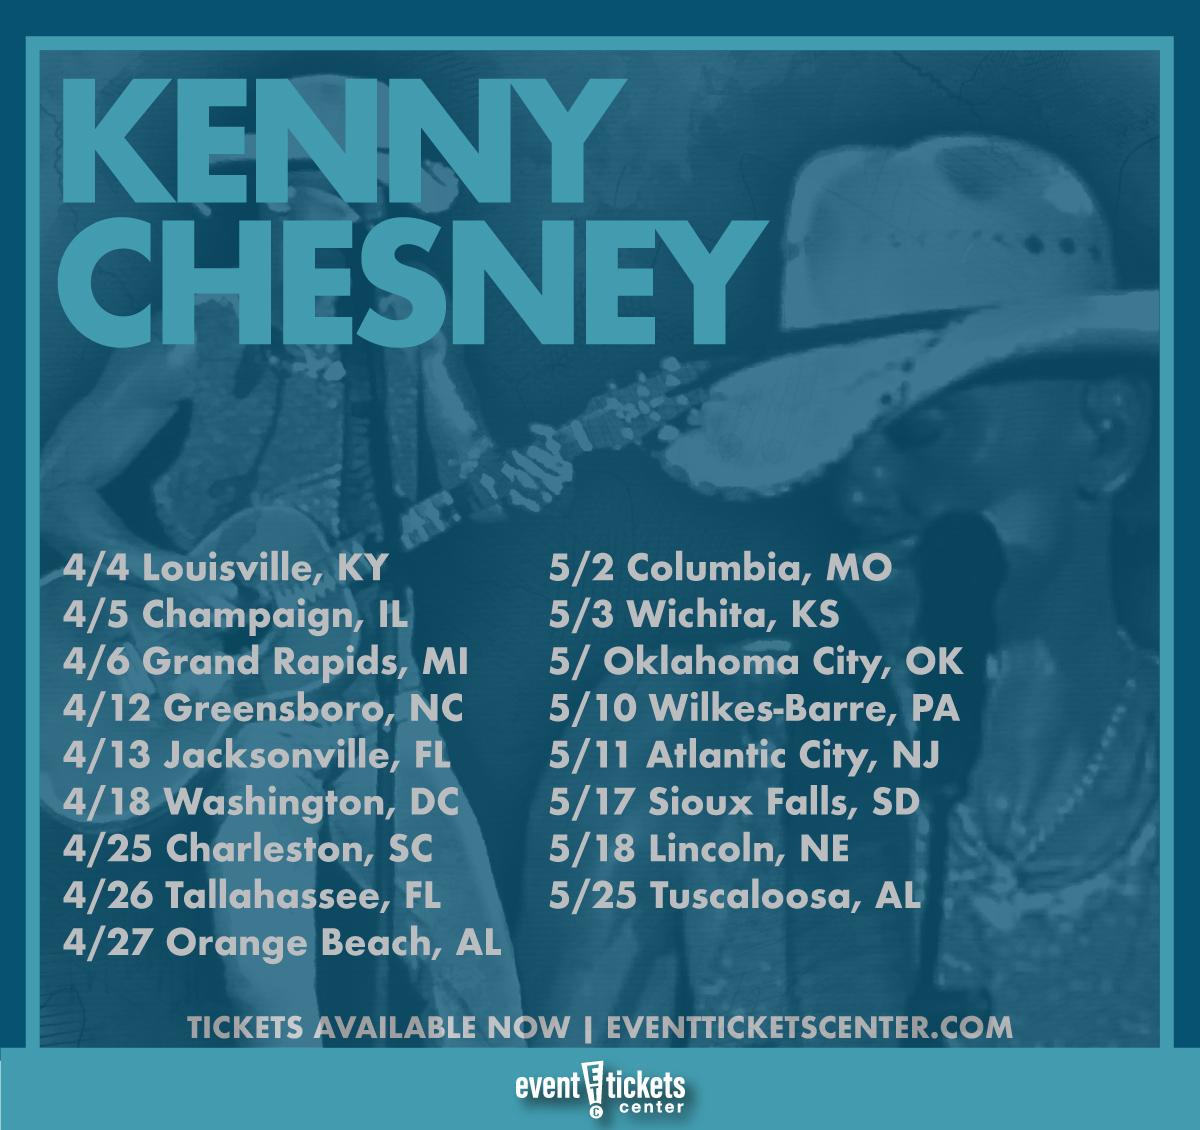 kenny chesney tour dates